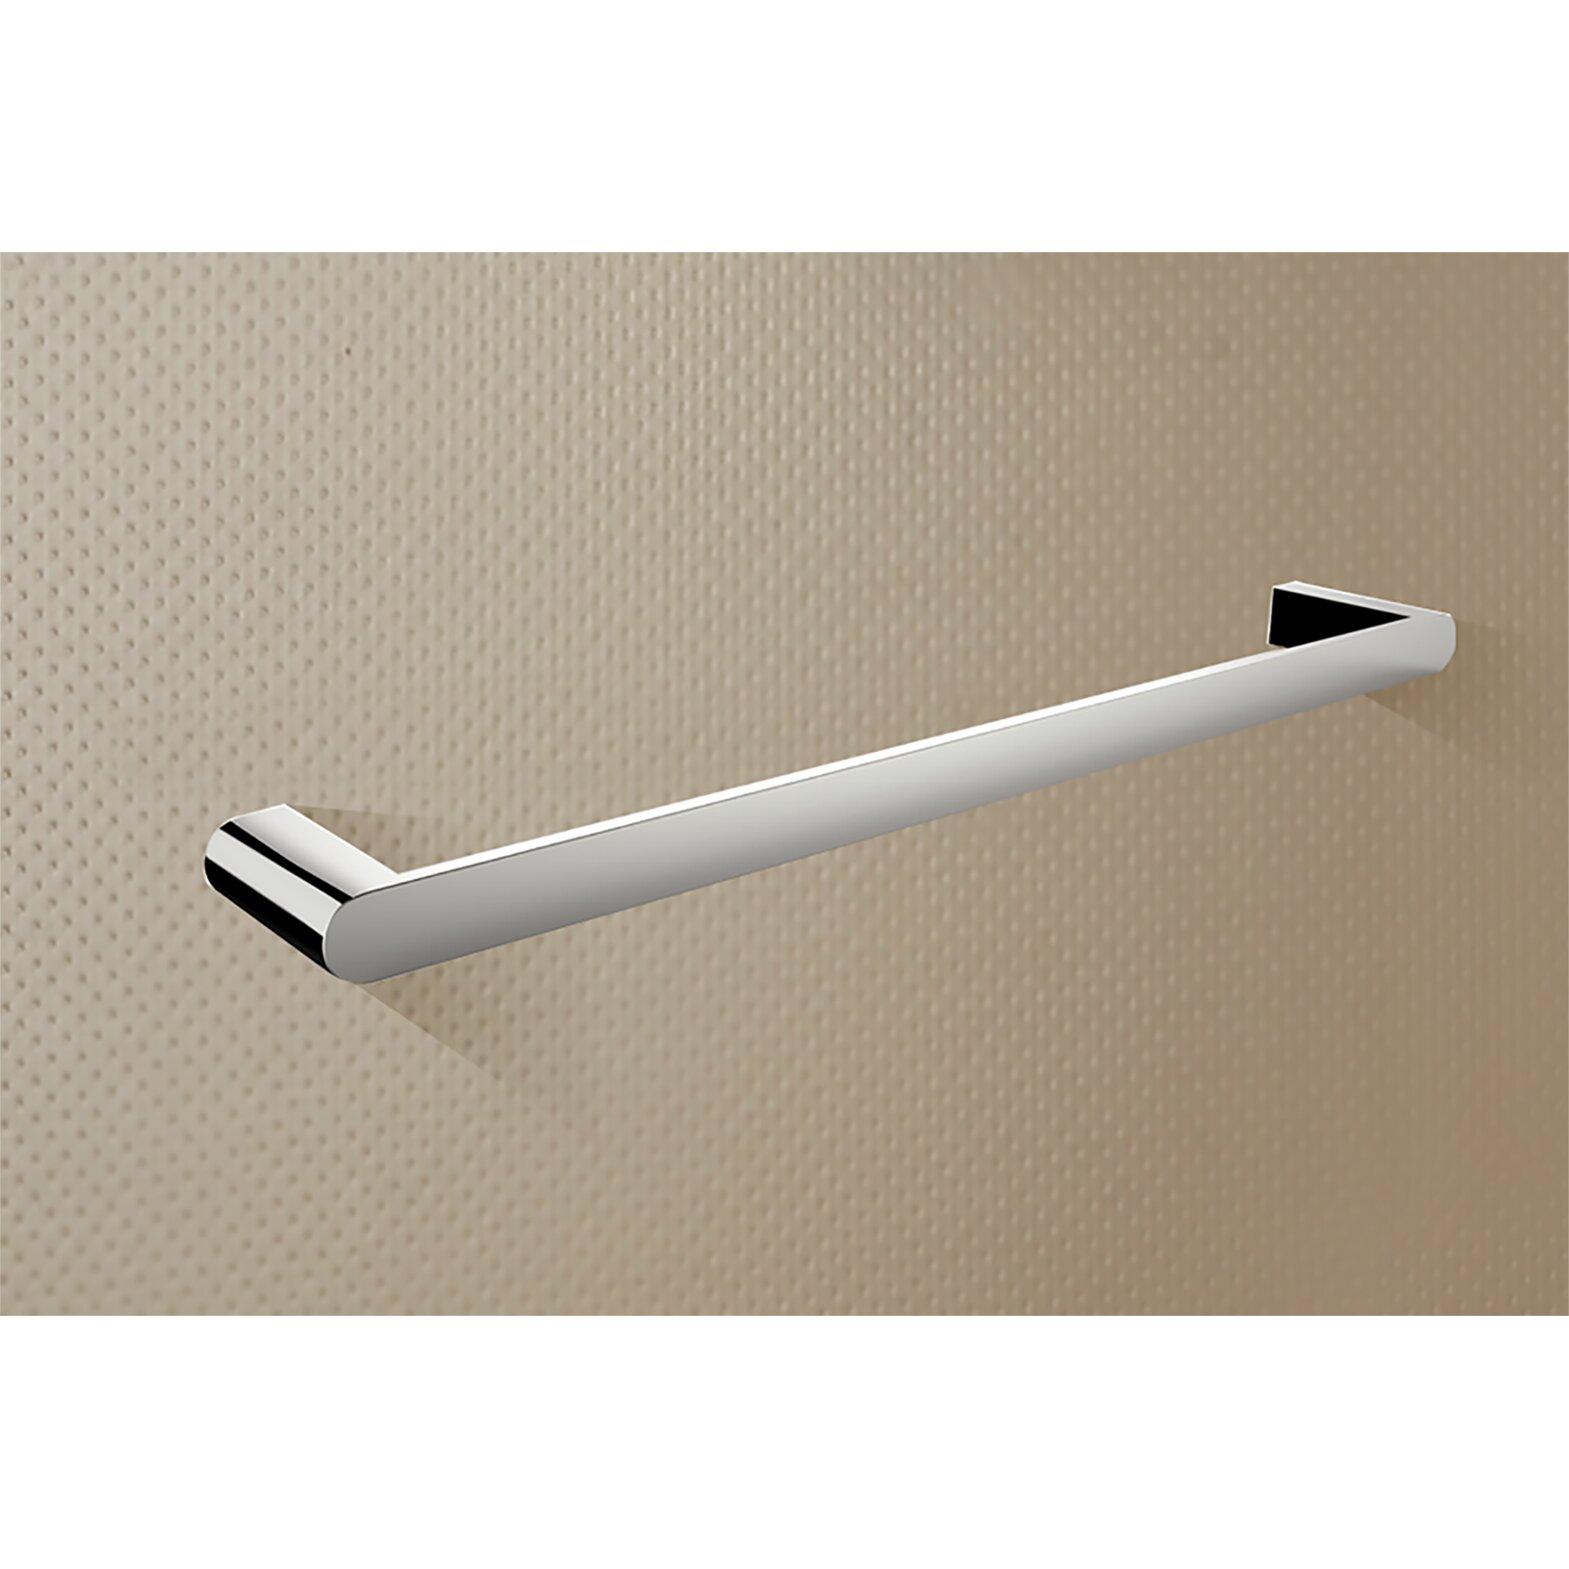 American imaginations 2 piece bathroom hardware set wayfair for Bathroom hardware sets